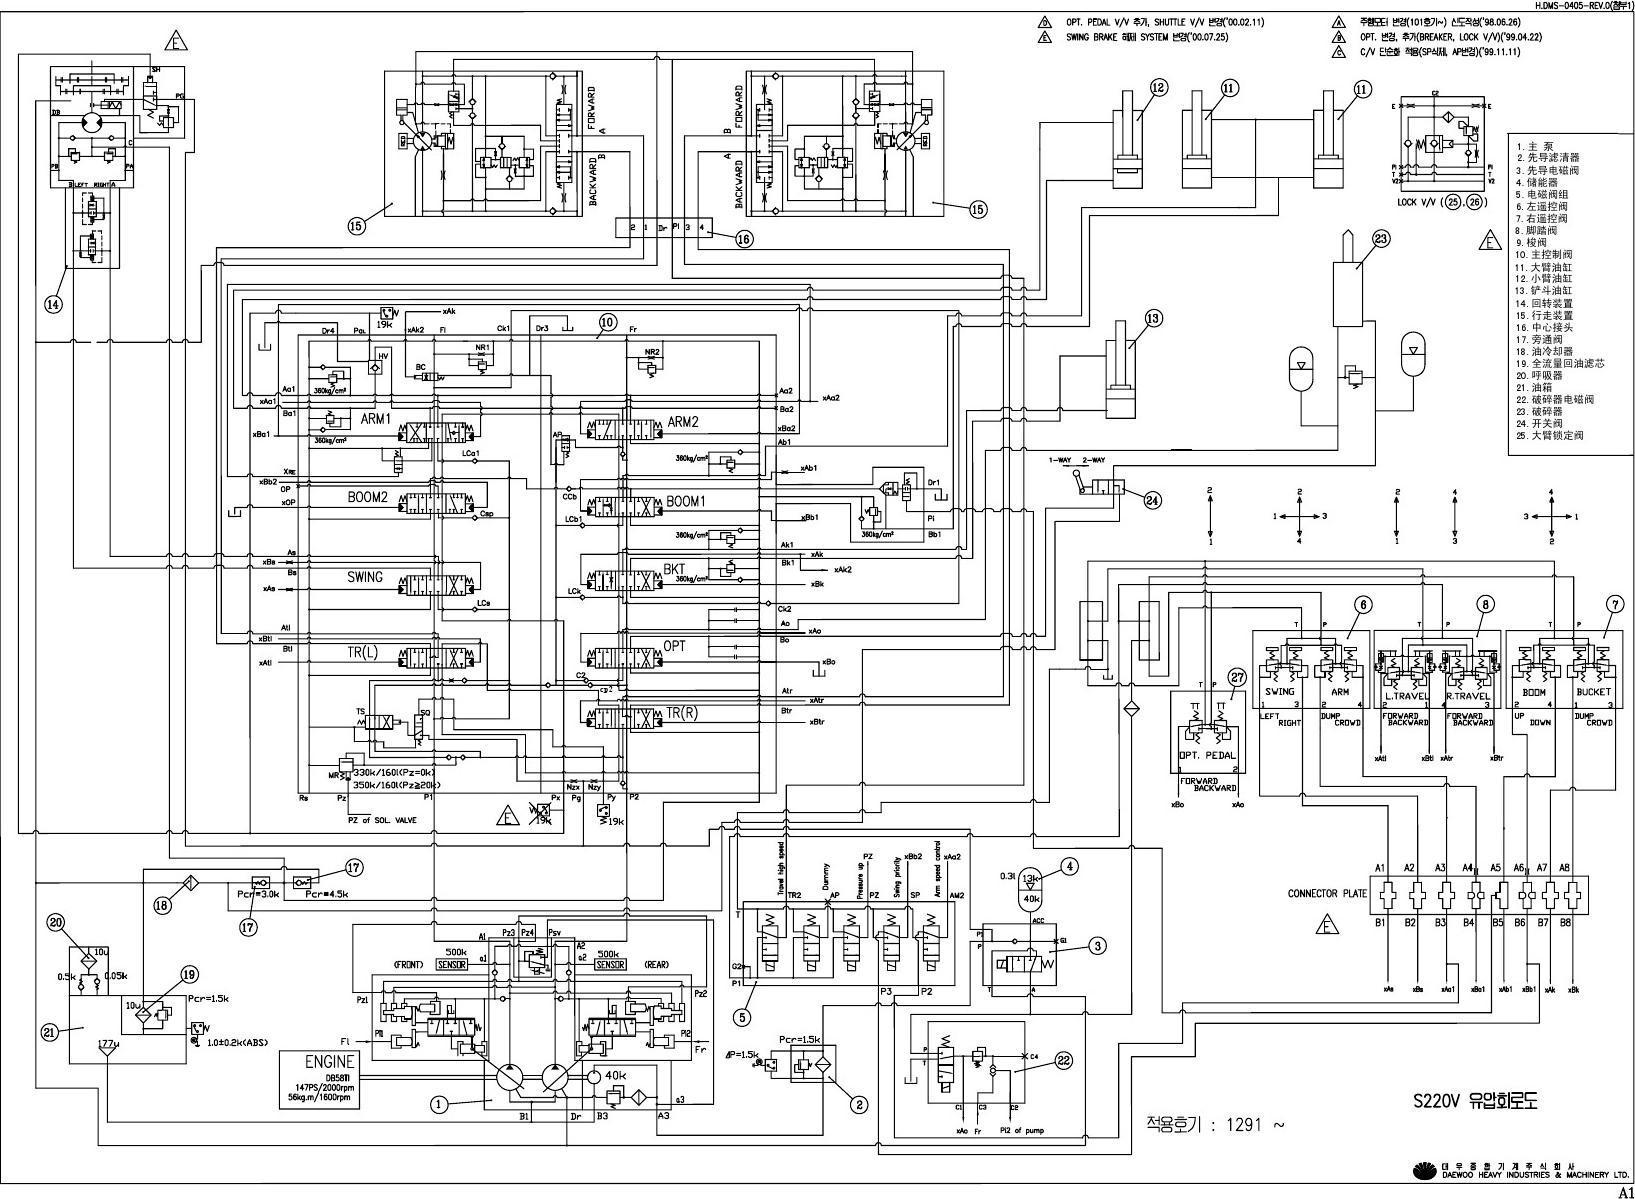 先导滤清器 3.先导电磁阀 4.储能器 5.电磁阀组 6.左遥控阀 7.图片